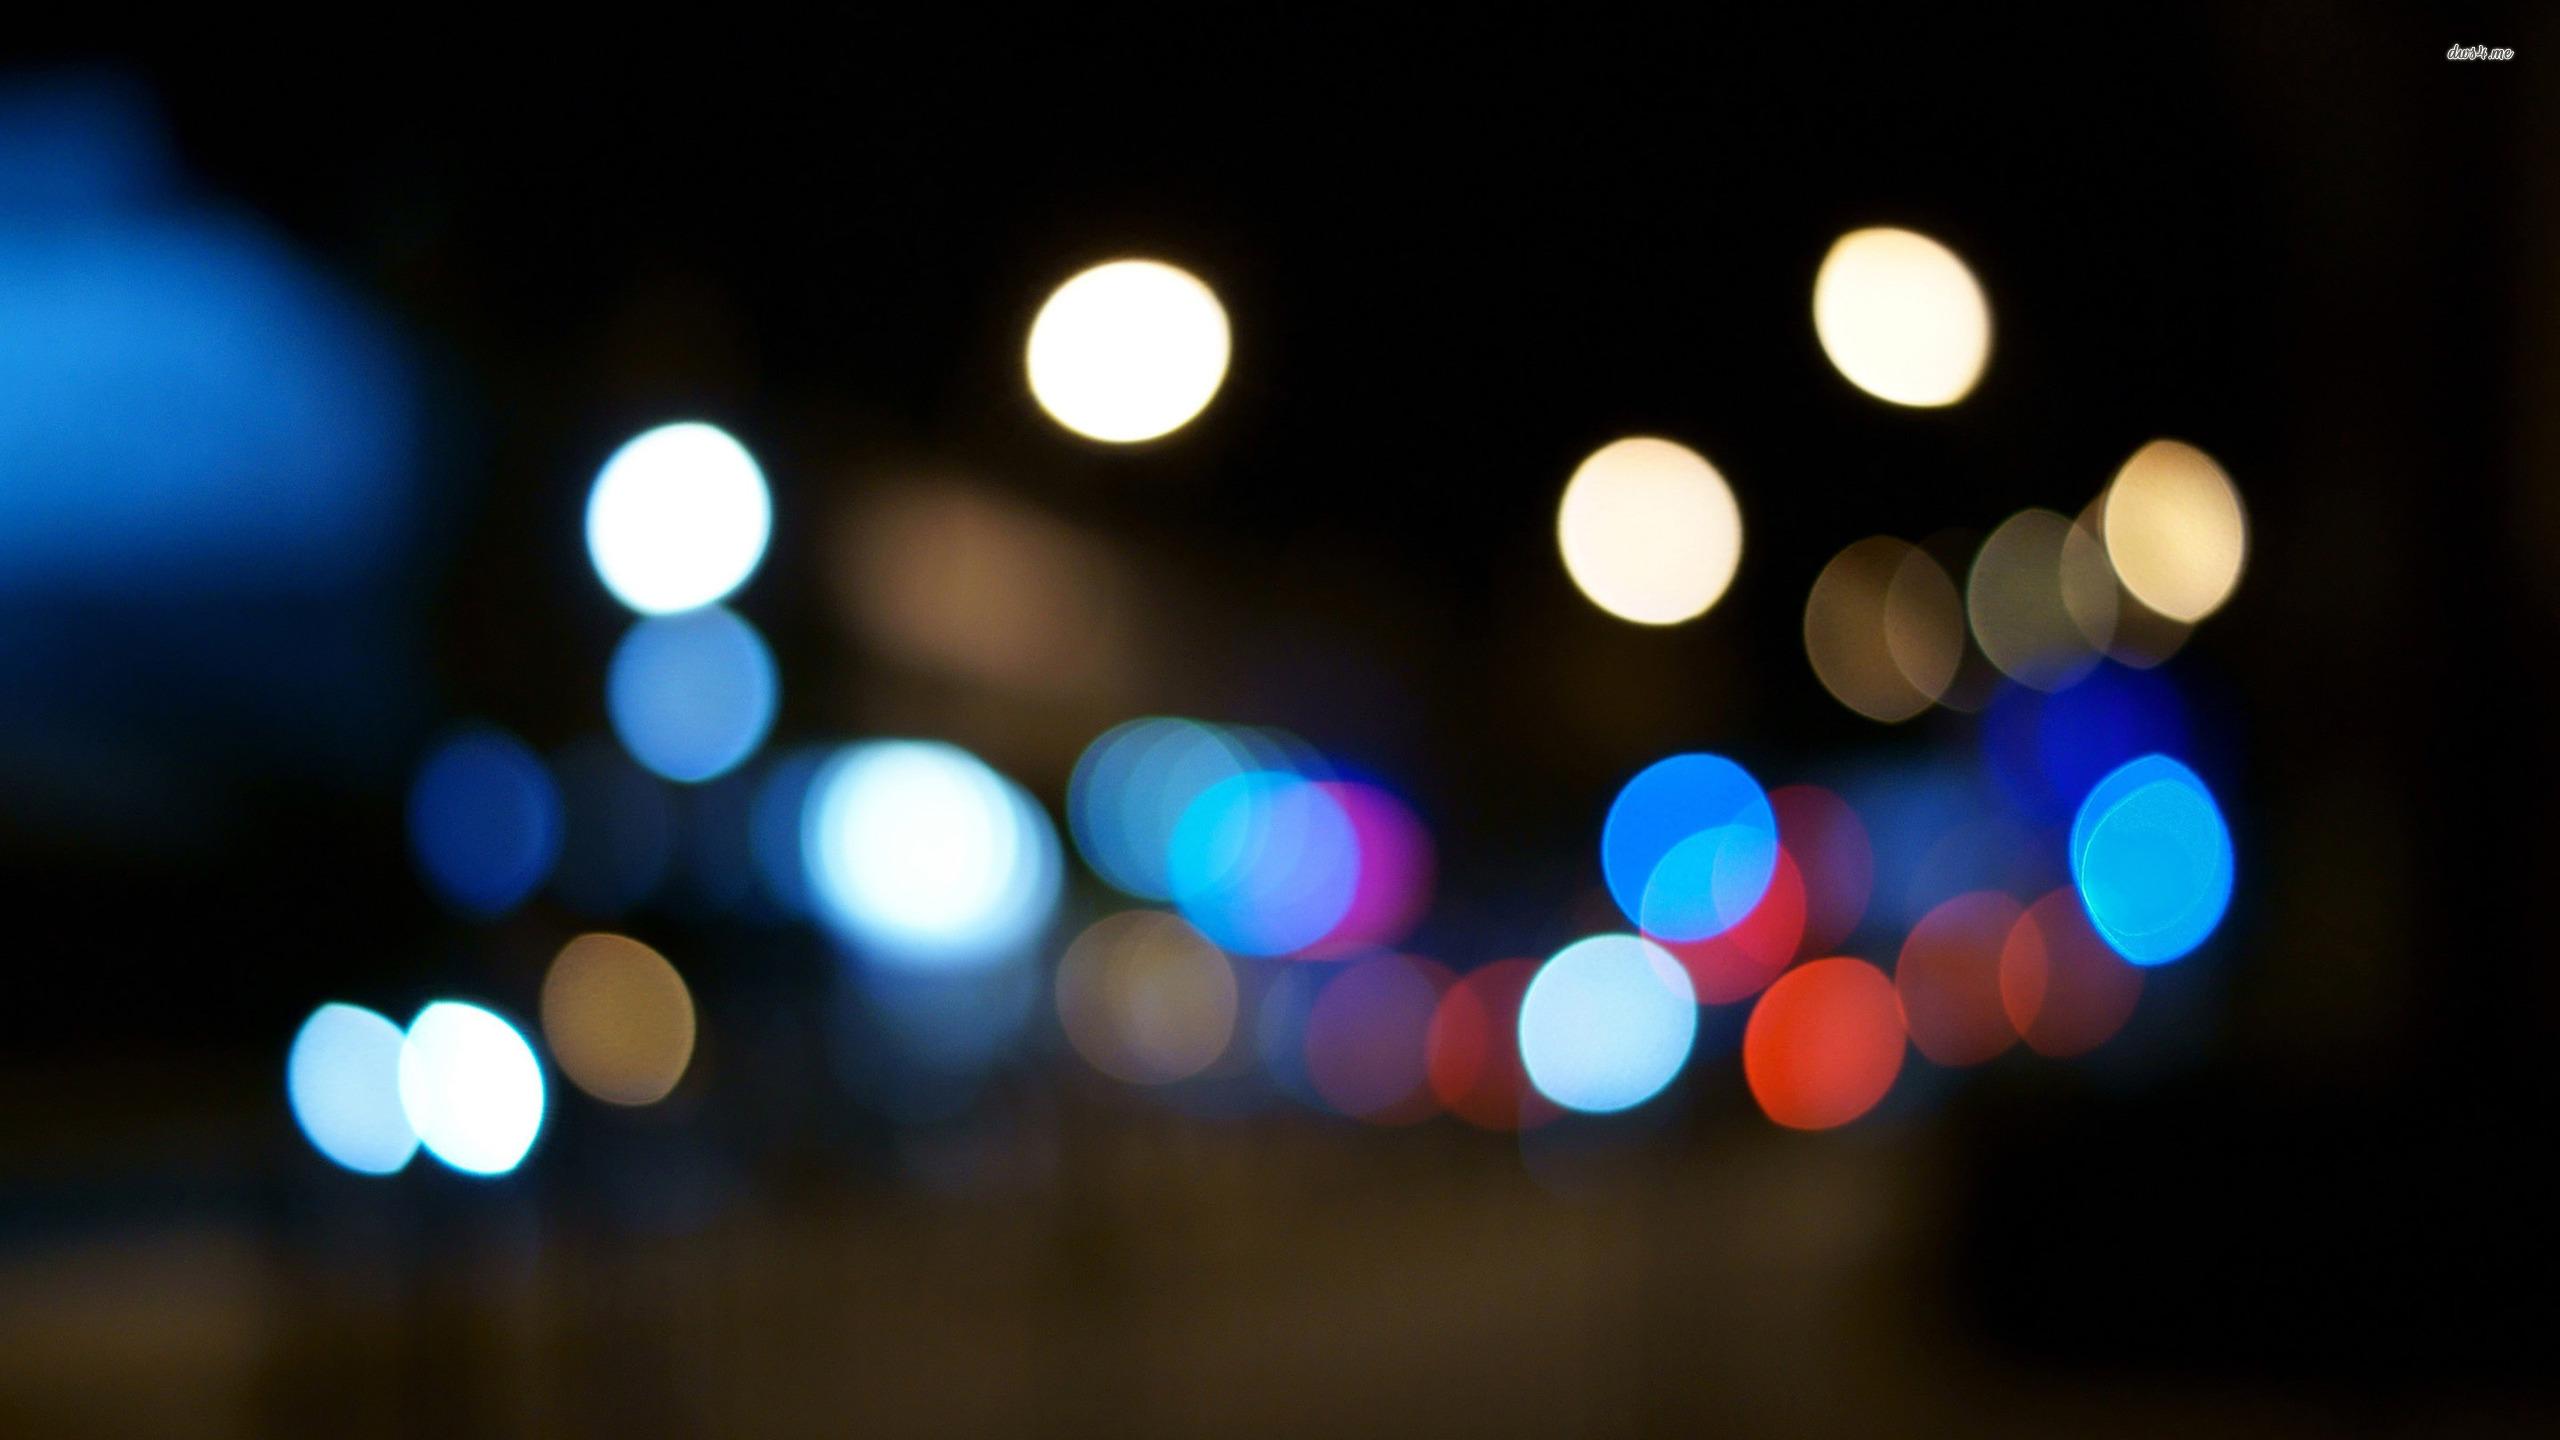 ... Night lights wallpaper 2560x1440 ...